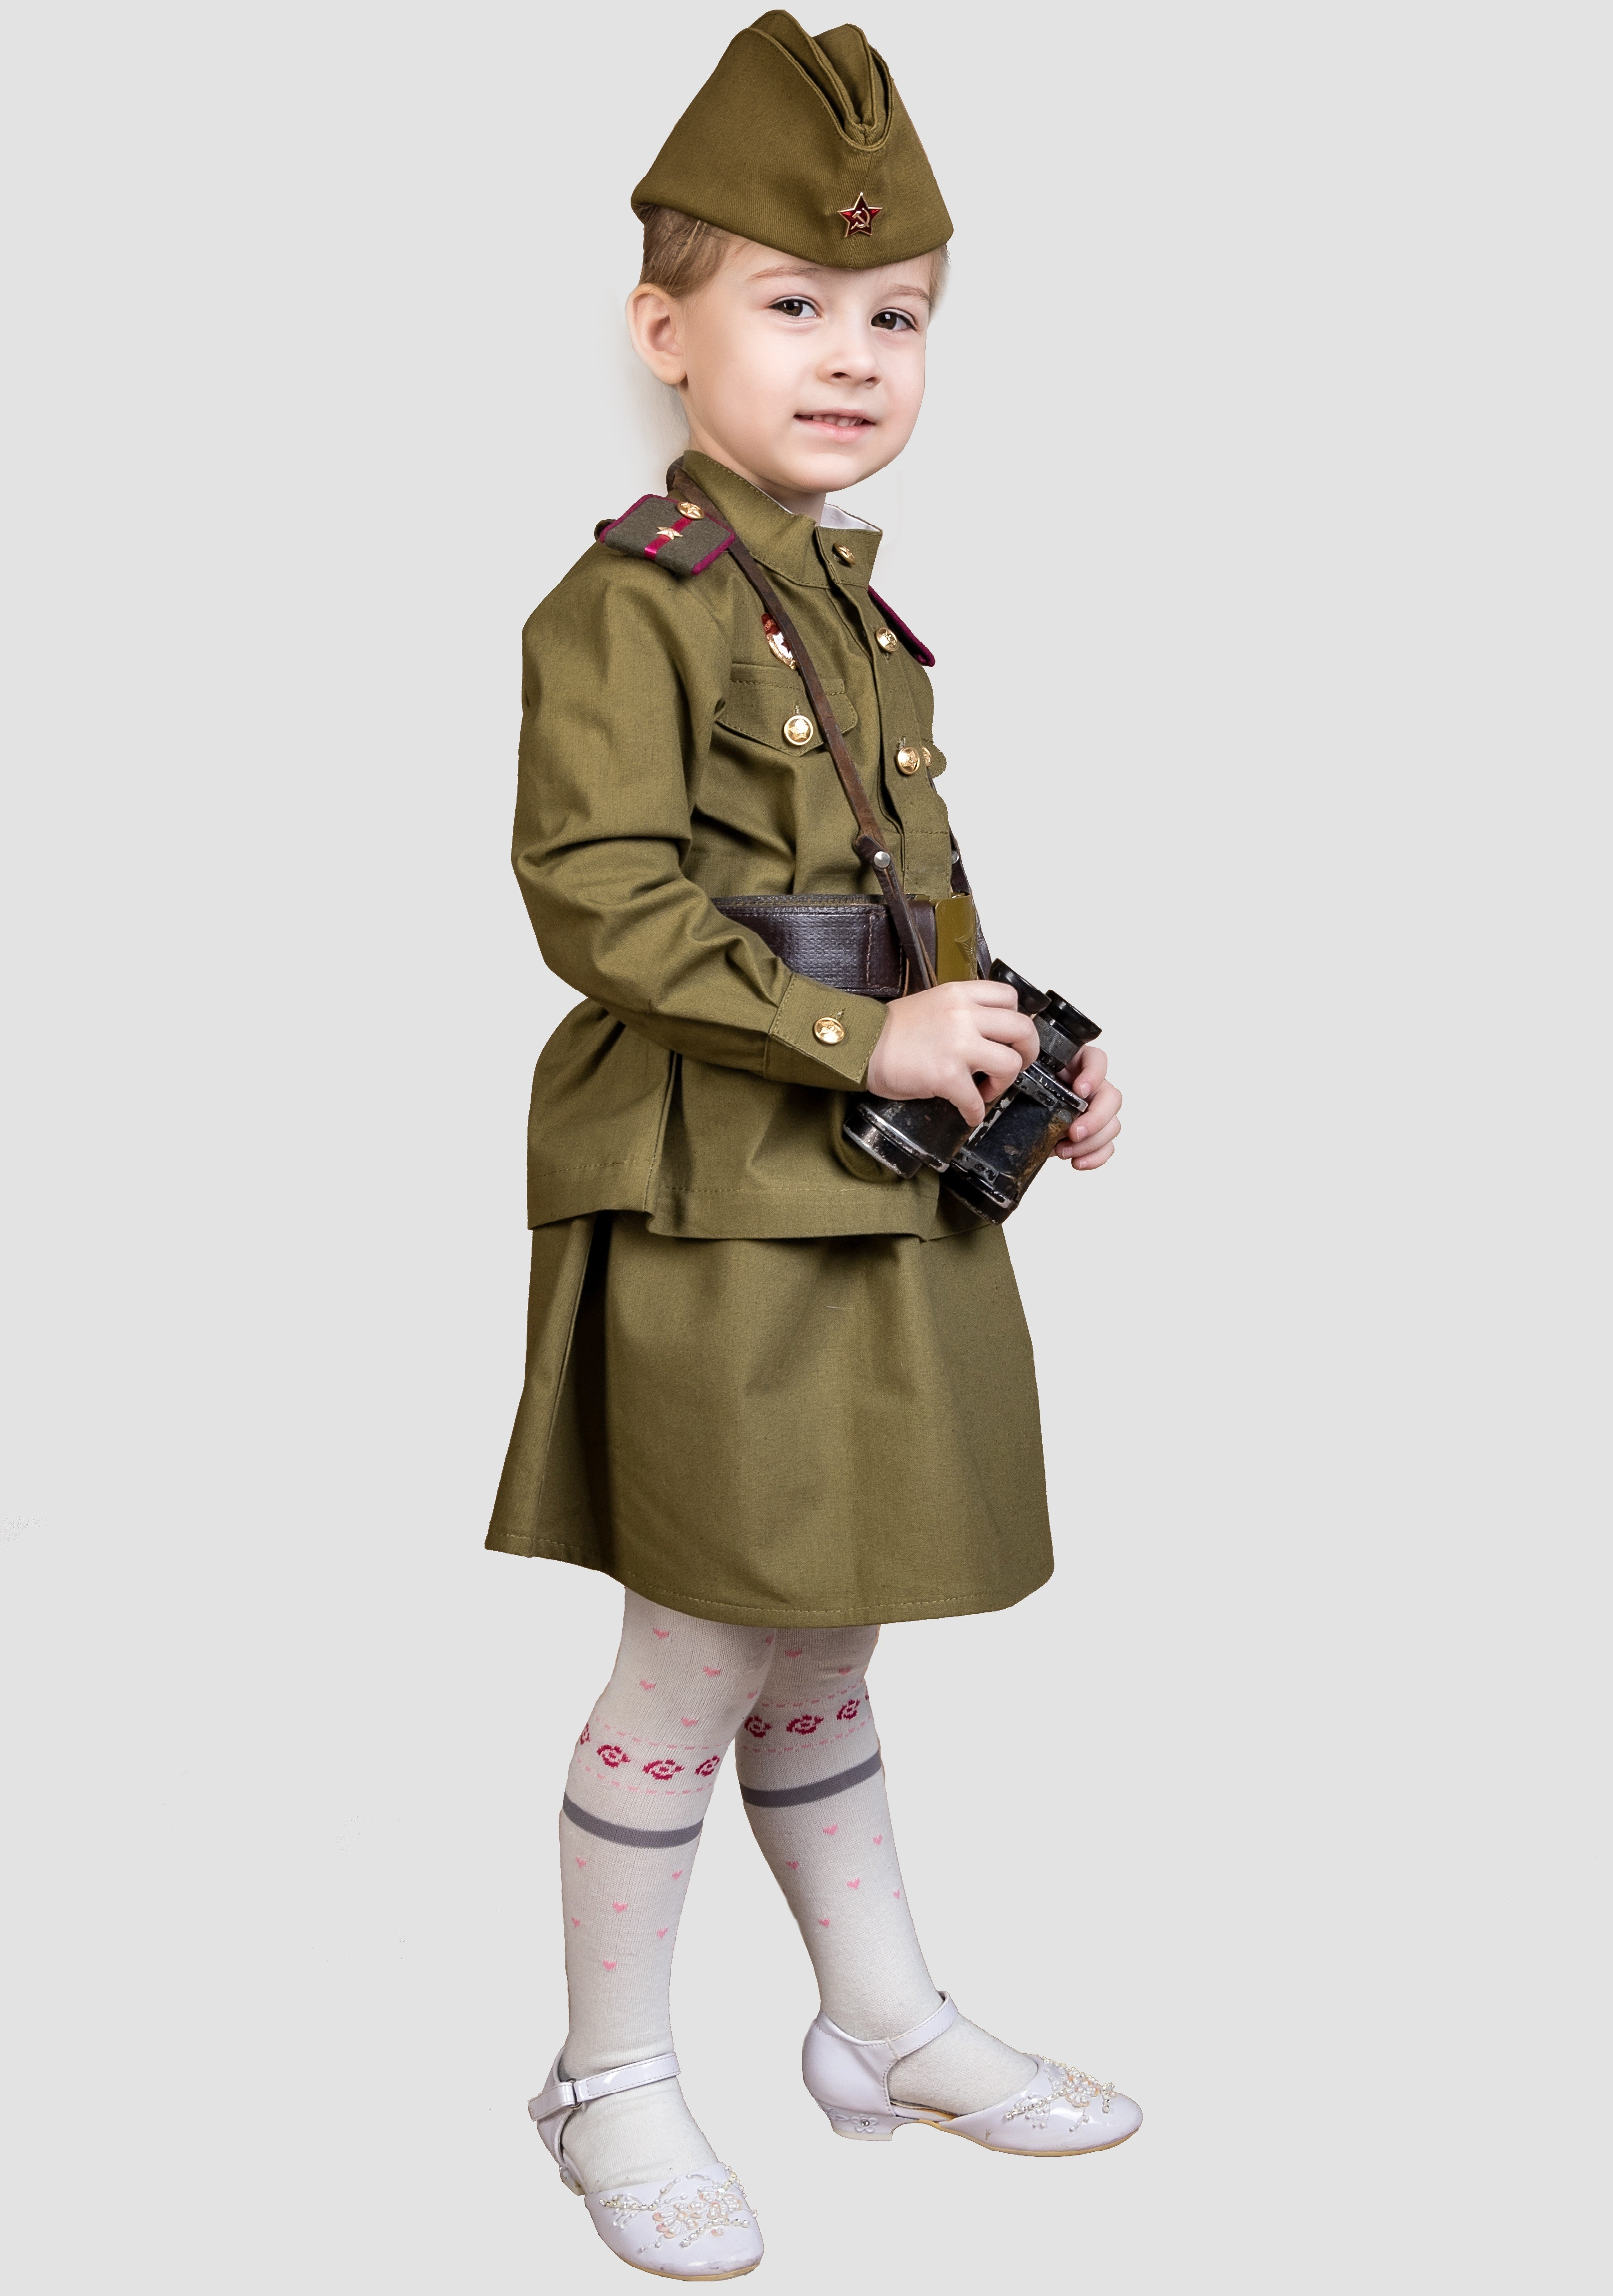 Ребенок в военной форме картинка